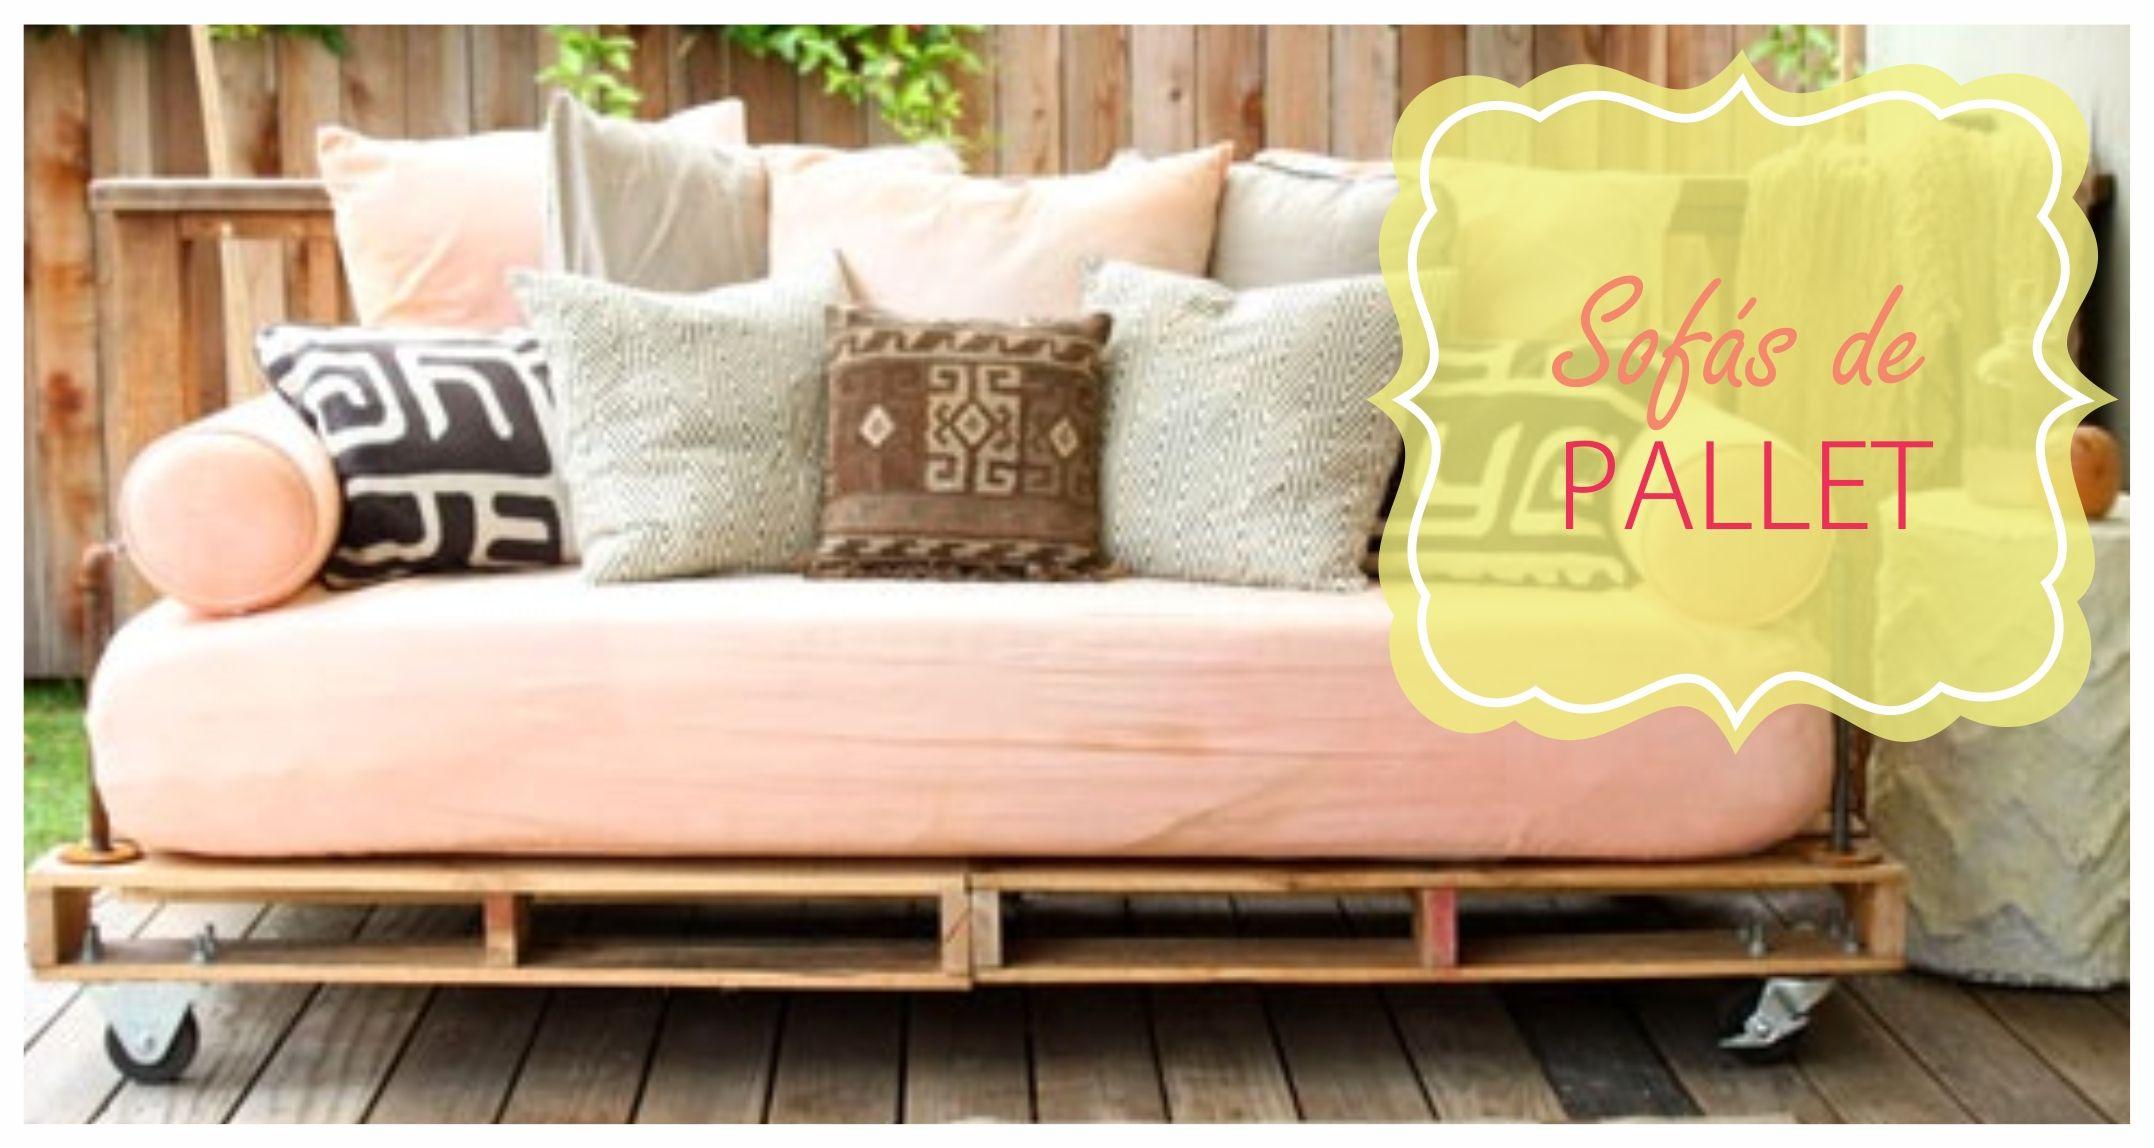 sofa e colchao osasco ekornes craigslist pallet sofá de